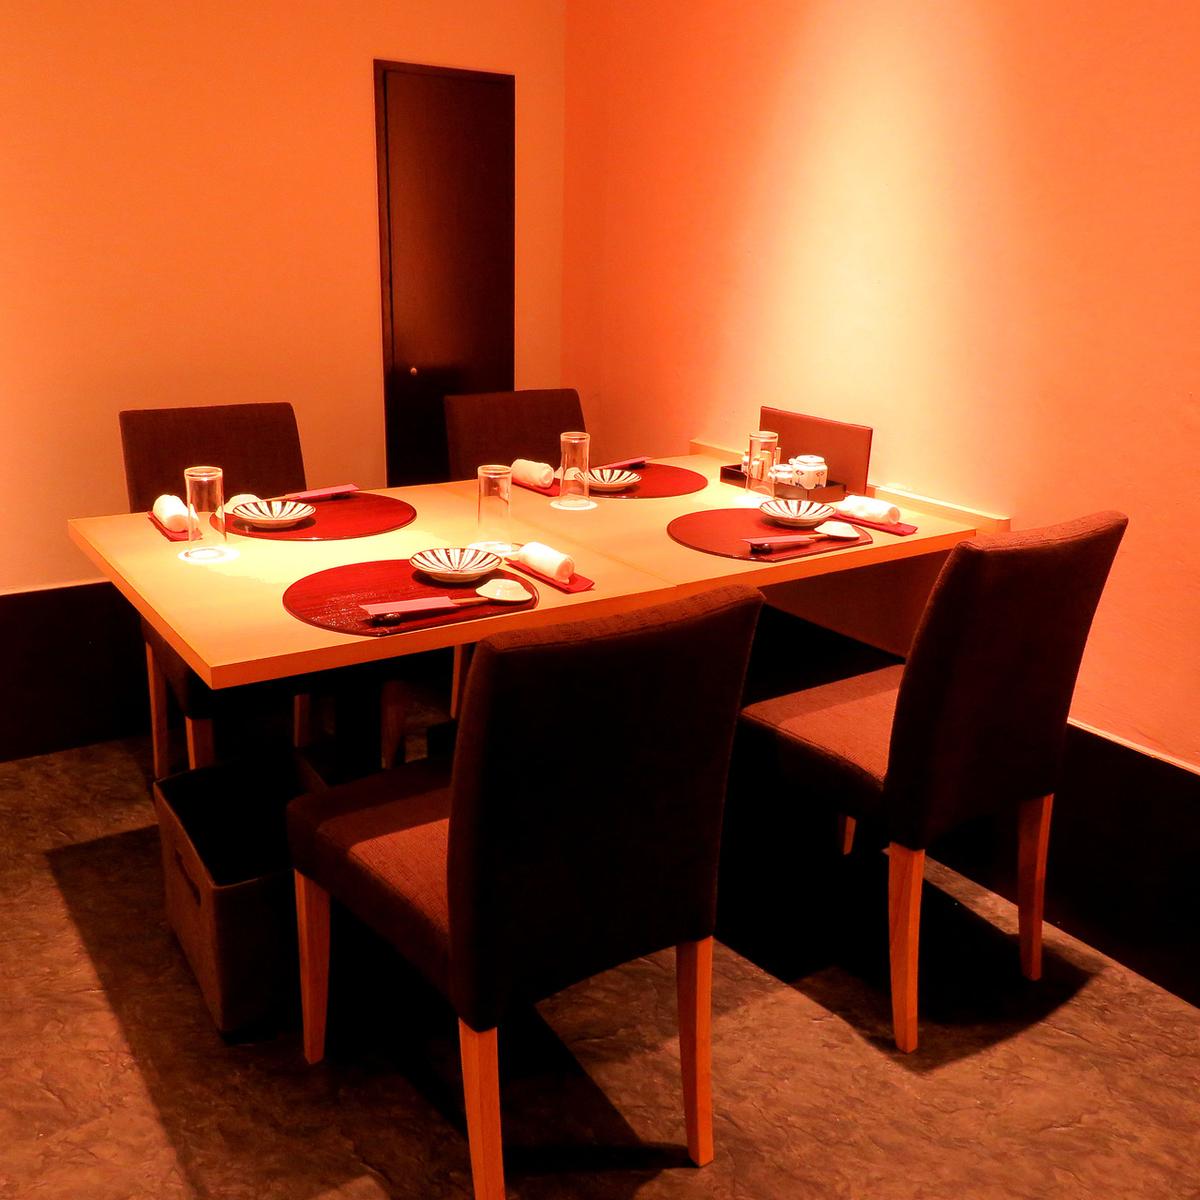 4 명 ~ 테이블 석도 있습니다.회식이나 접대 등 다양한 장면에 대응.